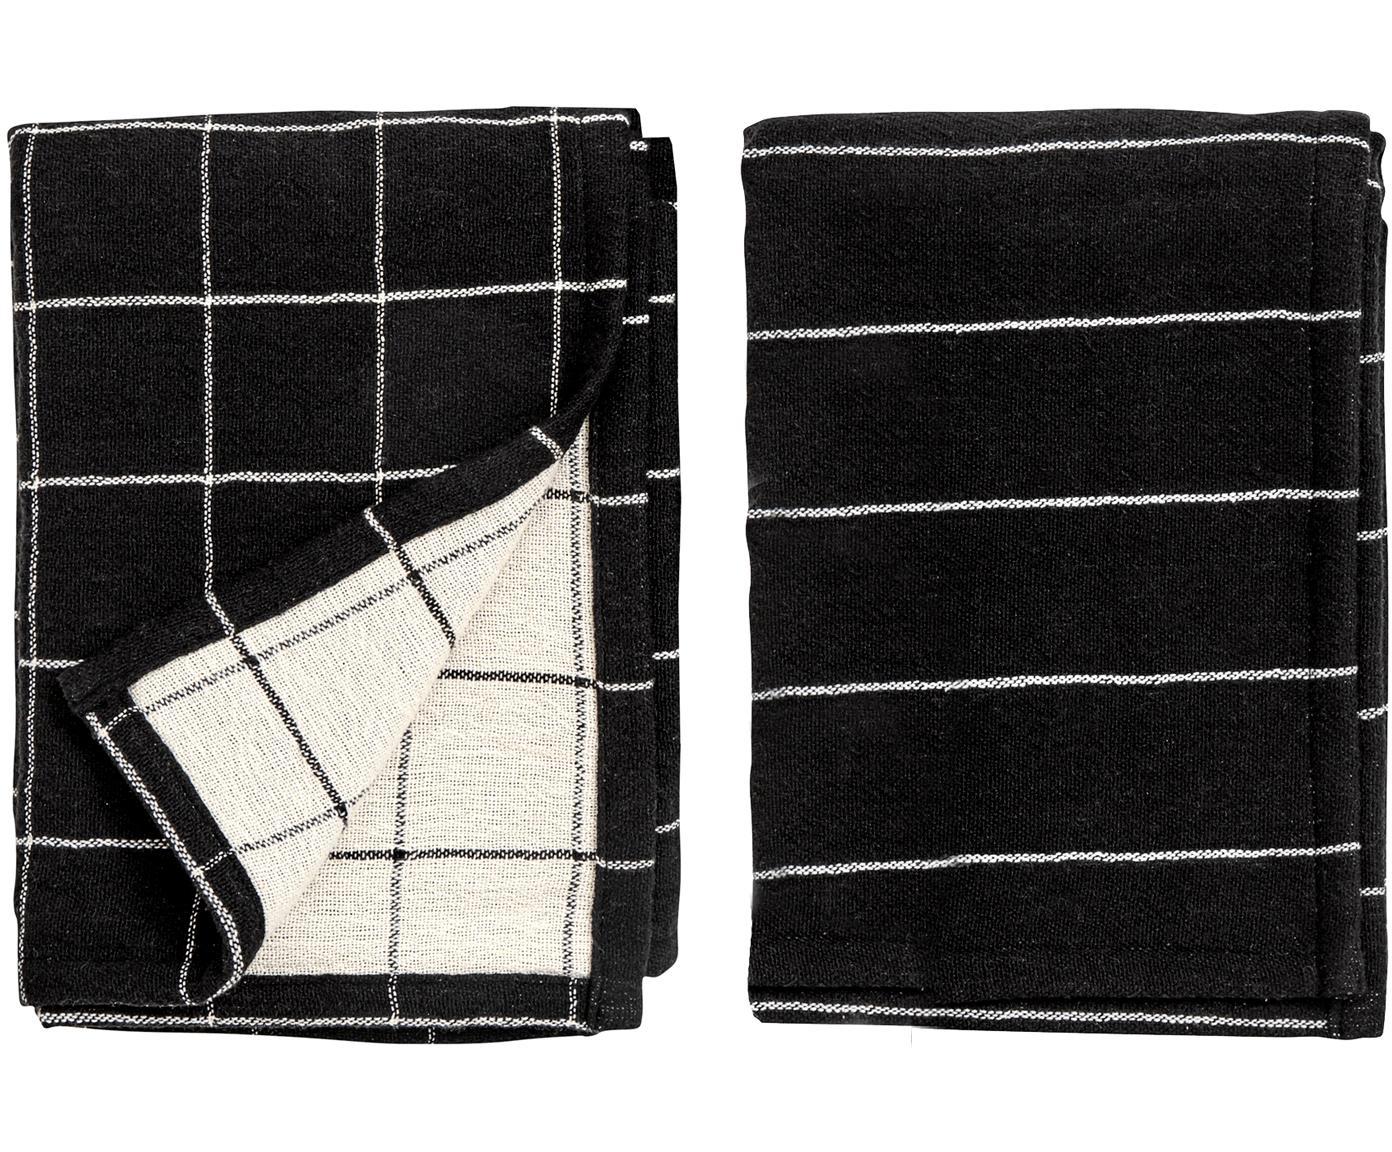 Paños de cocina Rick, 2uds., Algodón, Antracita, blanco, An 50 x L 70 cm